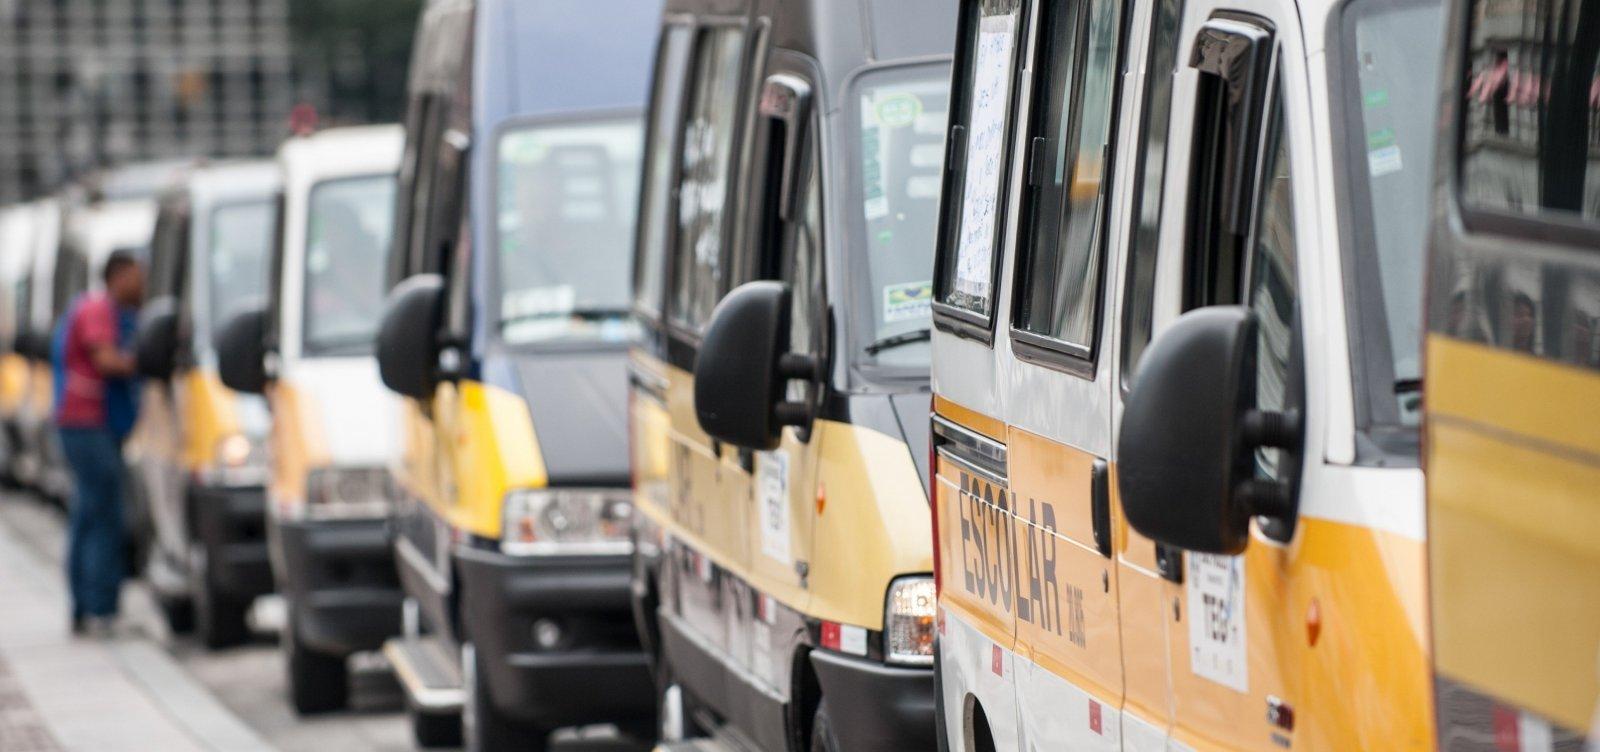 [Doria corta ônibus fretados para milhares de alunos da rede estadual de São Paulo]